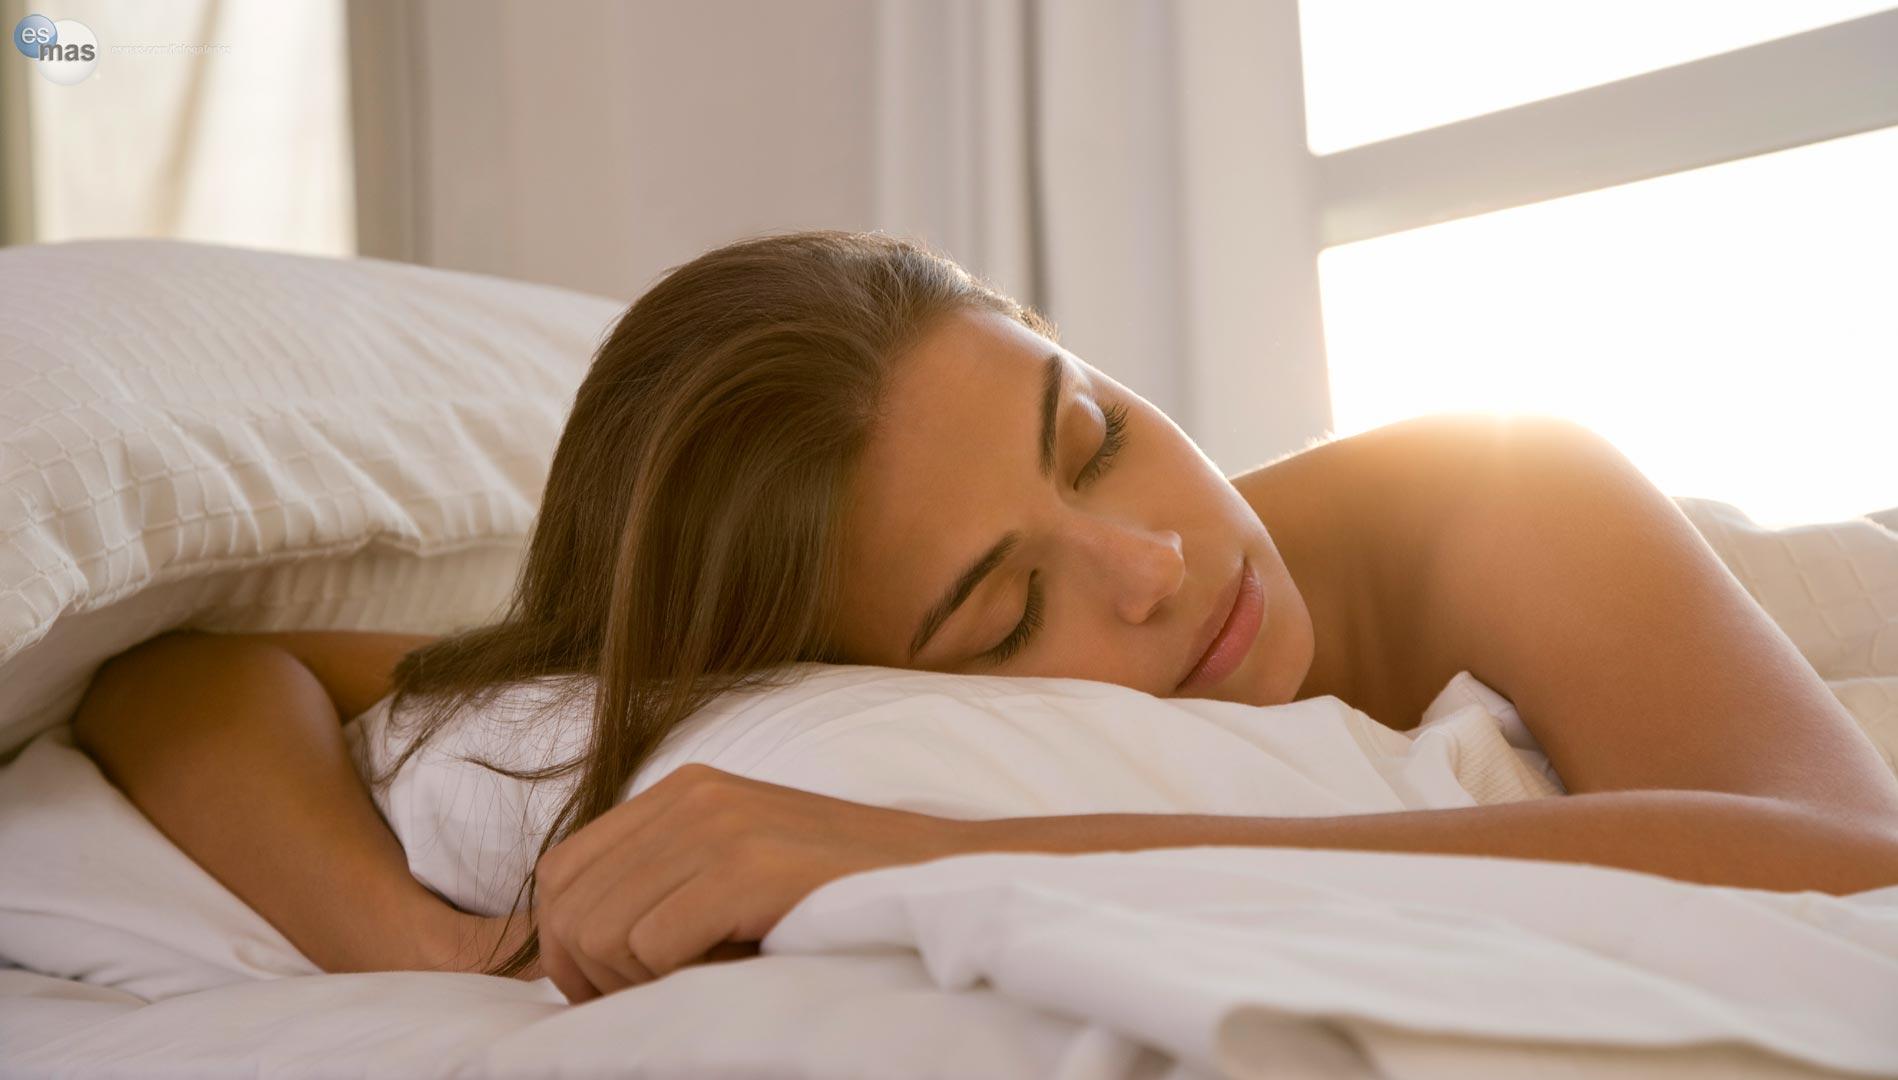 Dormir boca abajo es la postura menos aconsejada por los expertos.